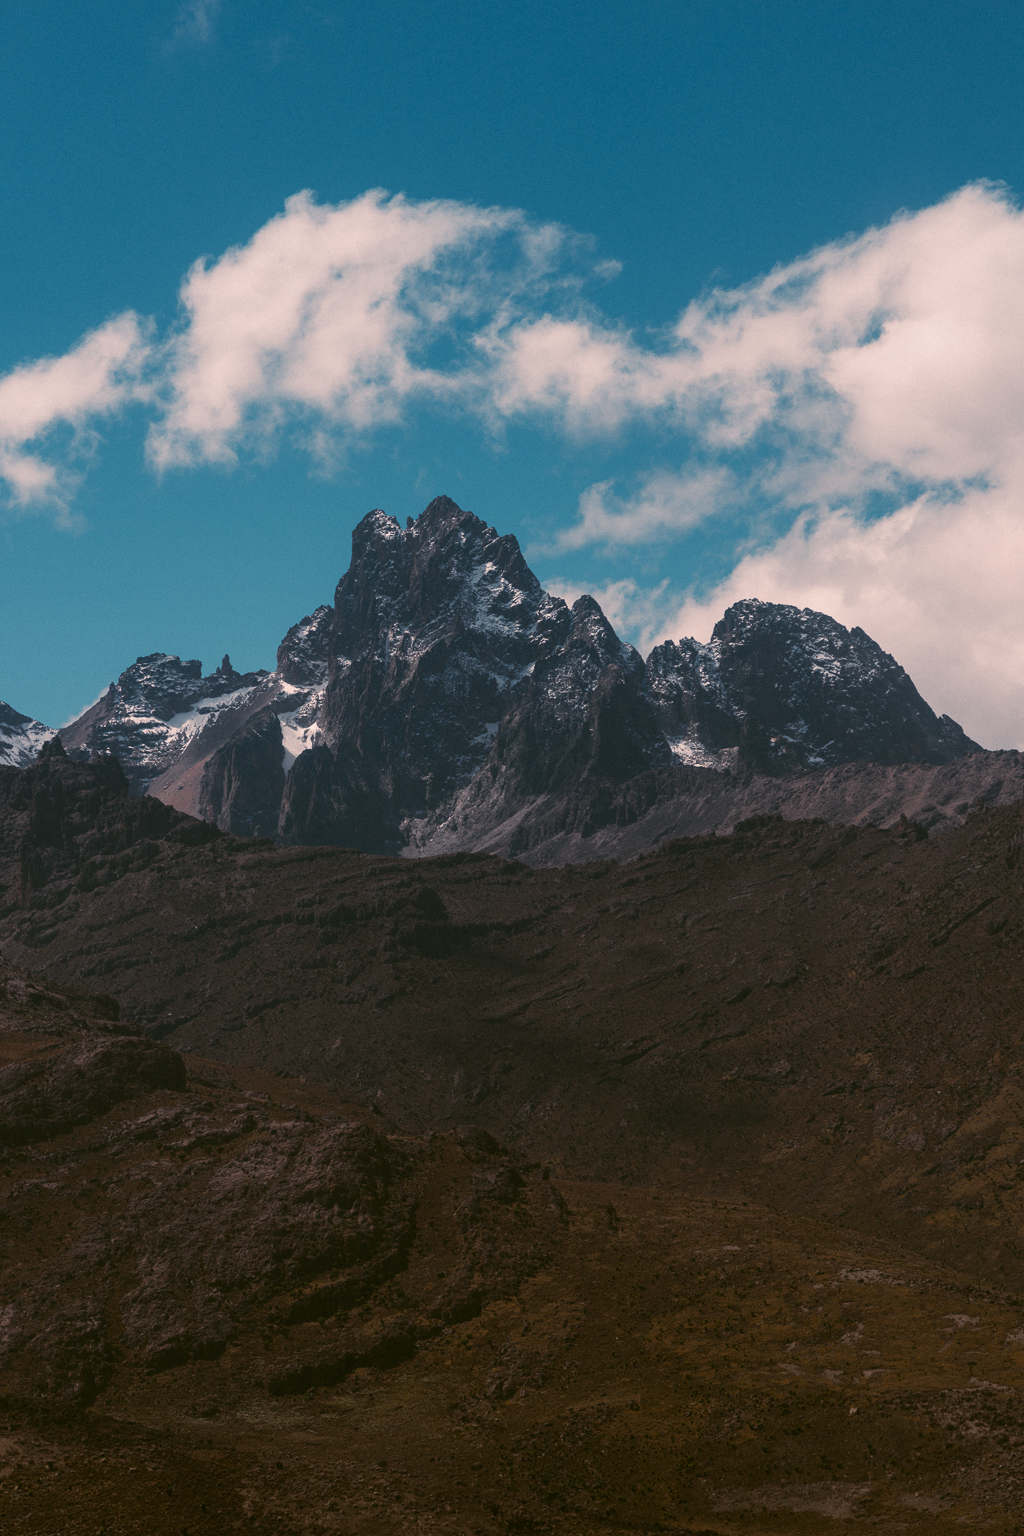 MT. KENYA 01